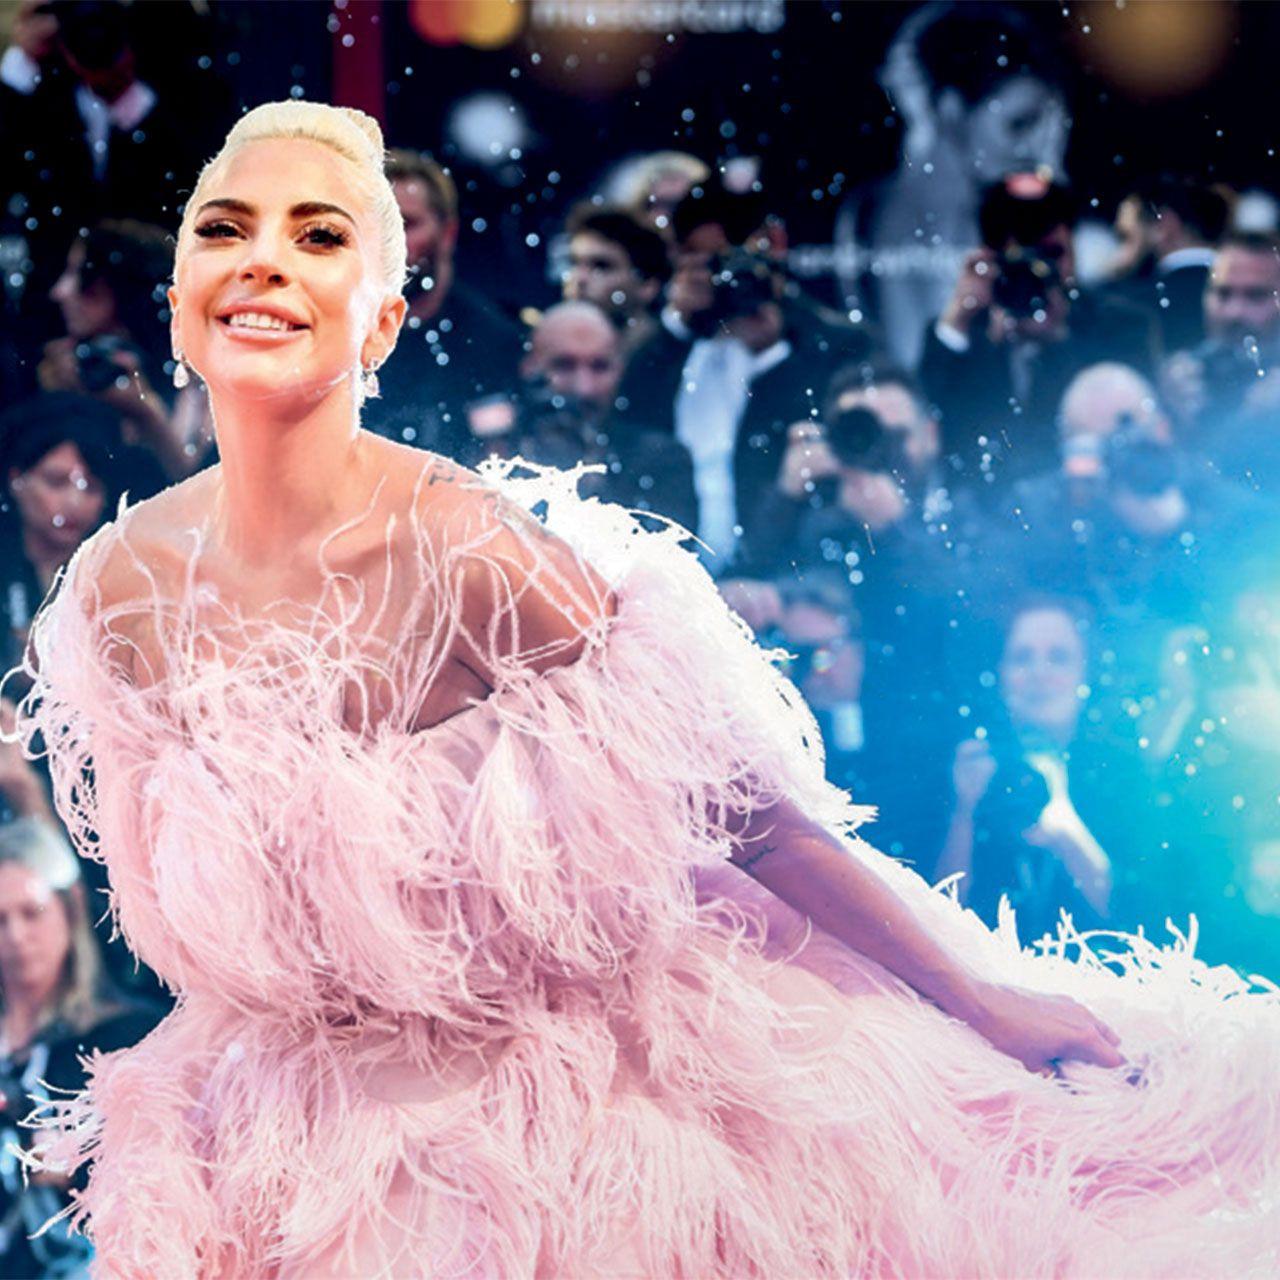 Elele'den Şubat ayı moda haberleri - Sayfa 3